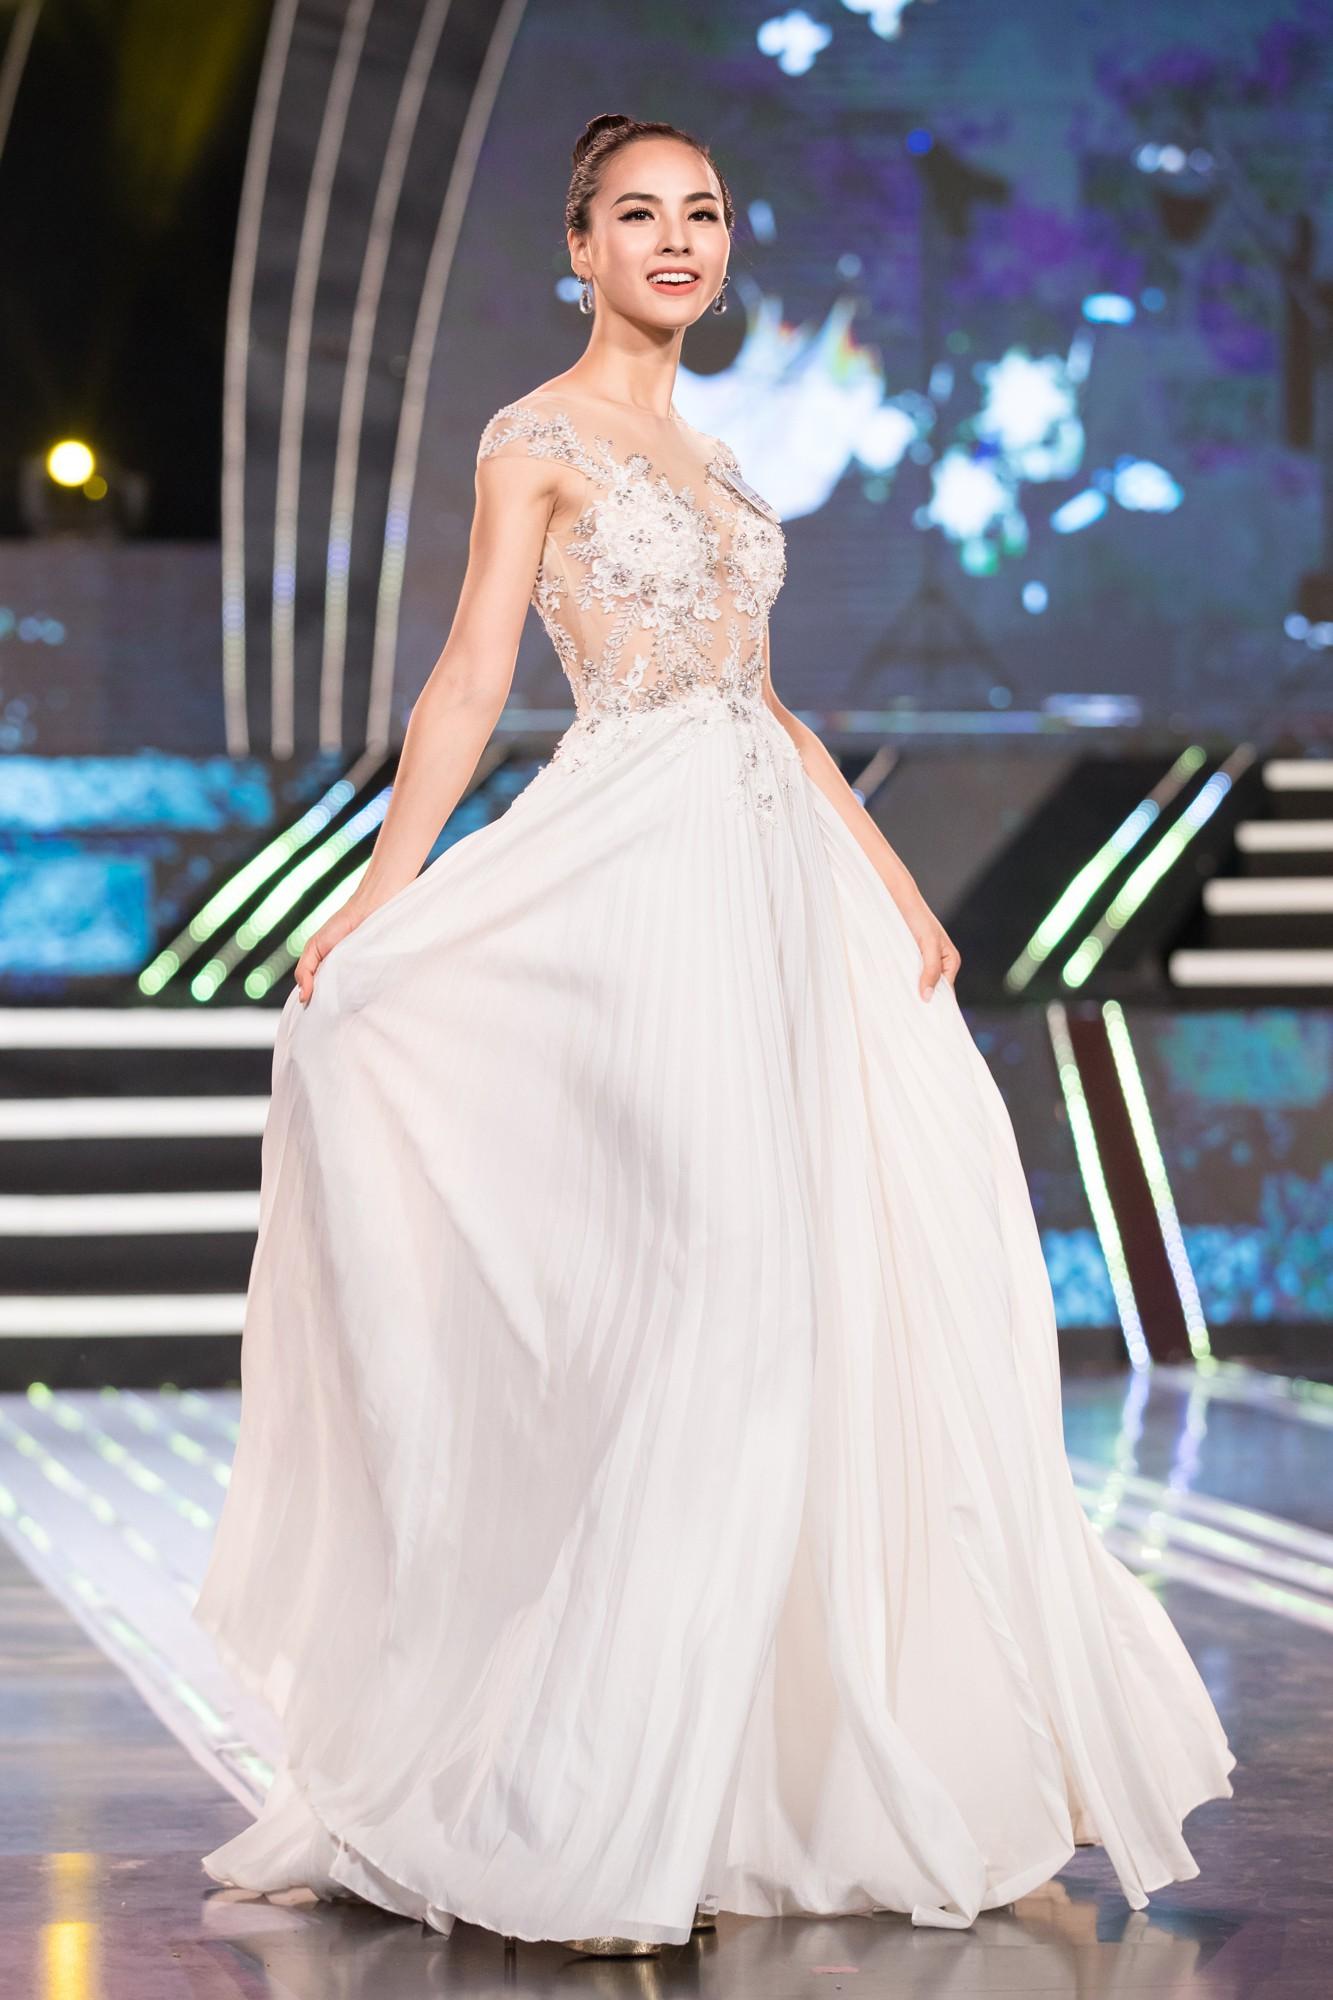 Soi nhan sắc 20 cô gái phía Bắc vừa lọt Chung kết Miss World VN: Thí sinh mặt đẹp nhất lại lộ vóc dáng đô con, thiếu đường cong-3